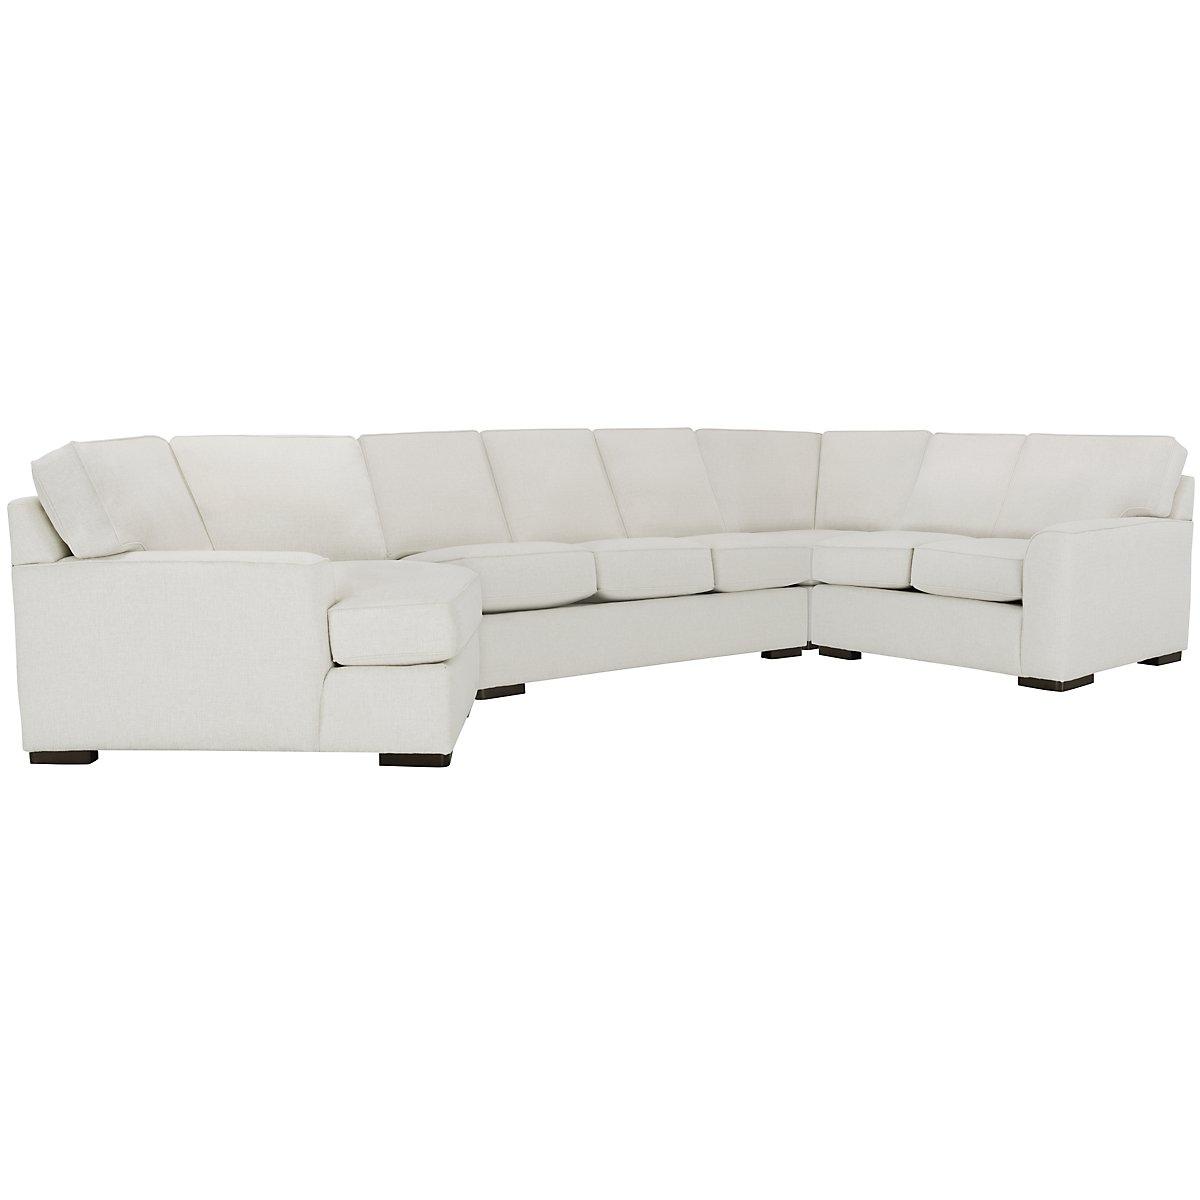 Austin White Fabric Left Cuddler Memory Foam Sleeper Sectional